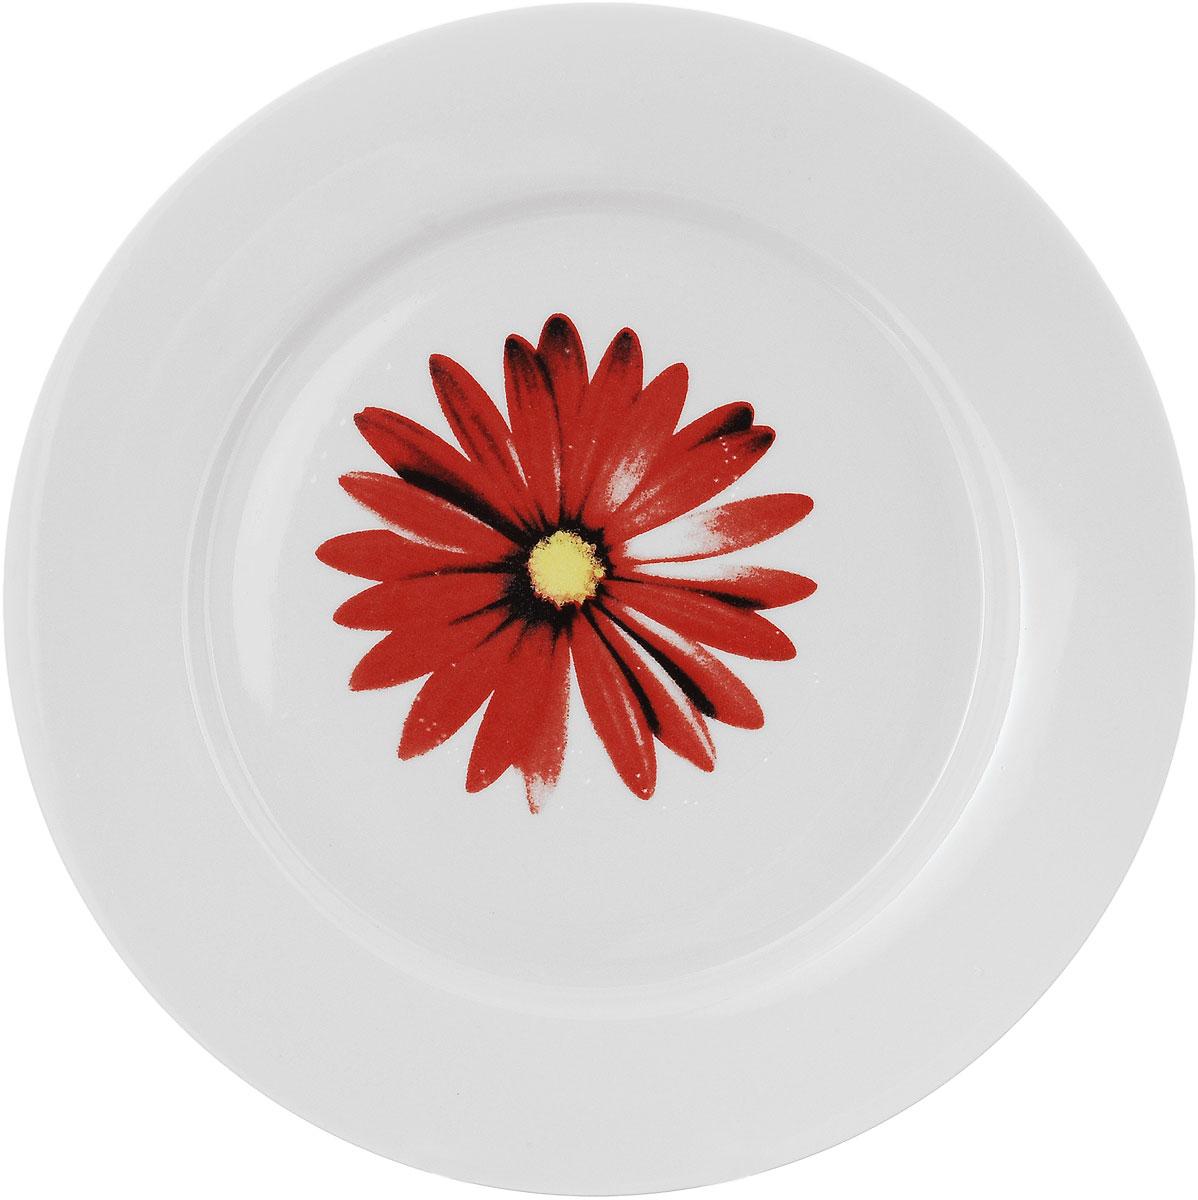 Тарелка Фарфор Вербилок Ромашка, диаметр 24 см115010Тарелка Фарфор Вербилок Ромашка, изготовленная из высококачественного фарфора, имеет классическую круглую форму. Она прекрасно впишется в интерьер вашей кухни и станет достойным дополнением к кухонному инвентарю. Тарелка Фарфор Вербилок Ромашка подчеркнет прекрасный вкус хозяйки и станет отличным подарком.Диаметр тарелки (по верхнему краю): 24 см.